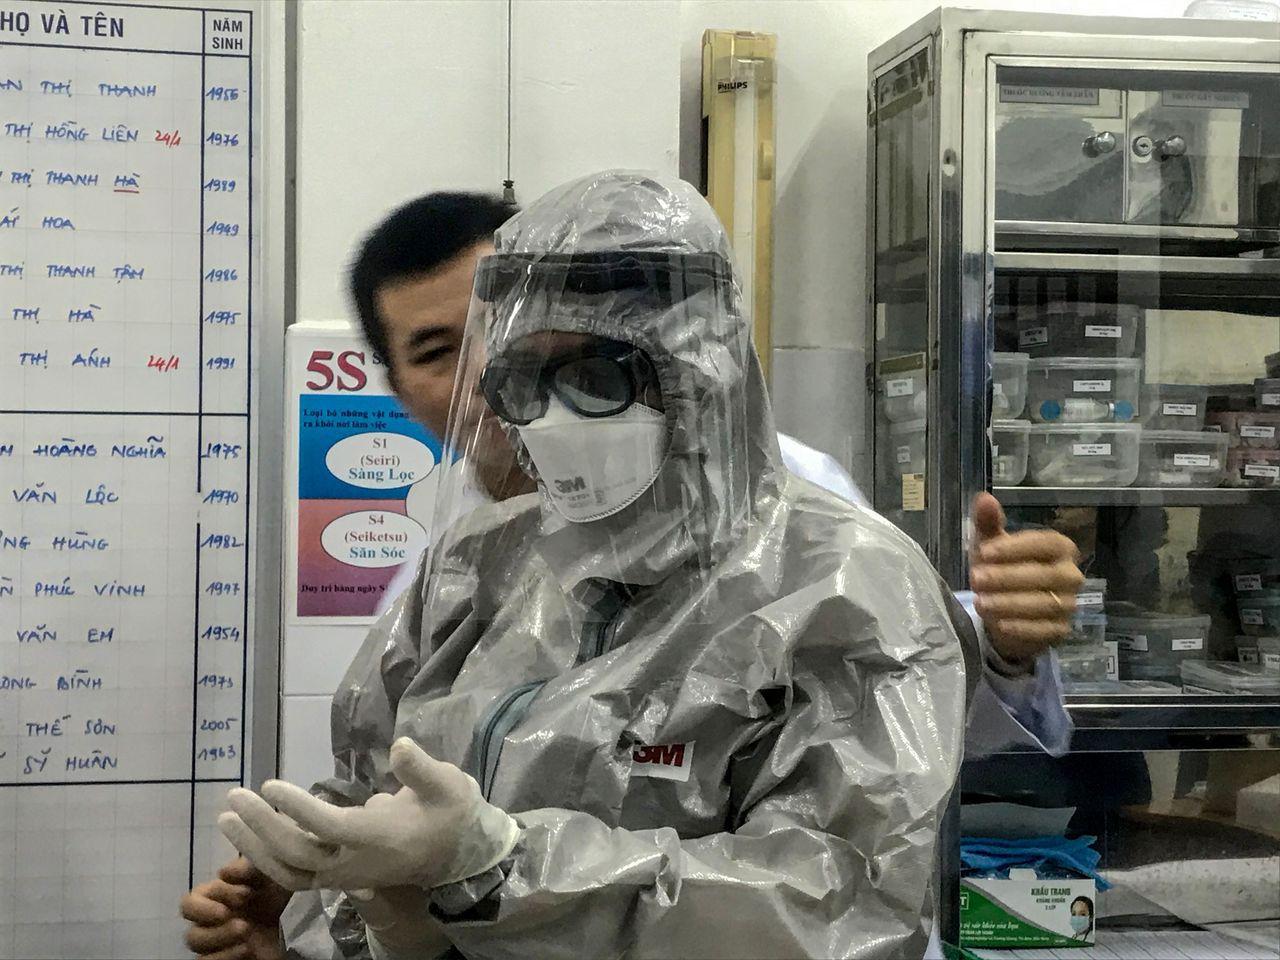 越南衛生部副部長23日進入隔離區探視兩名感染武漢肺炎的病人前,穿上防護衣。法新社